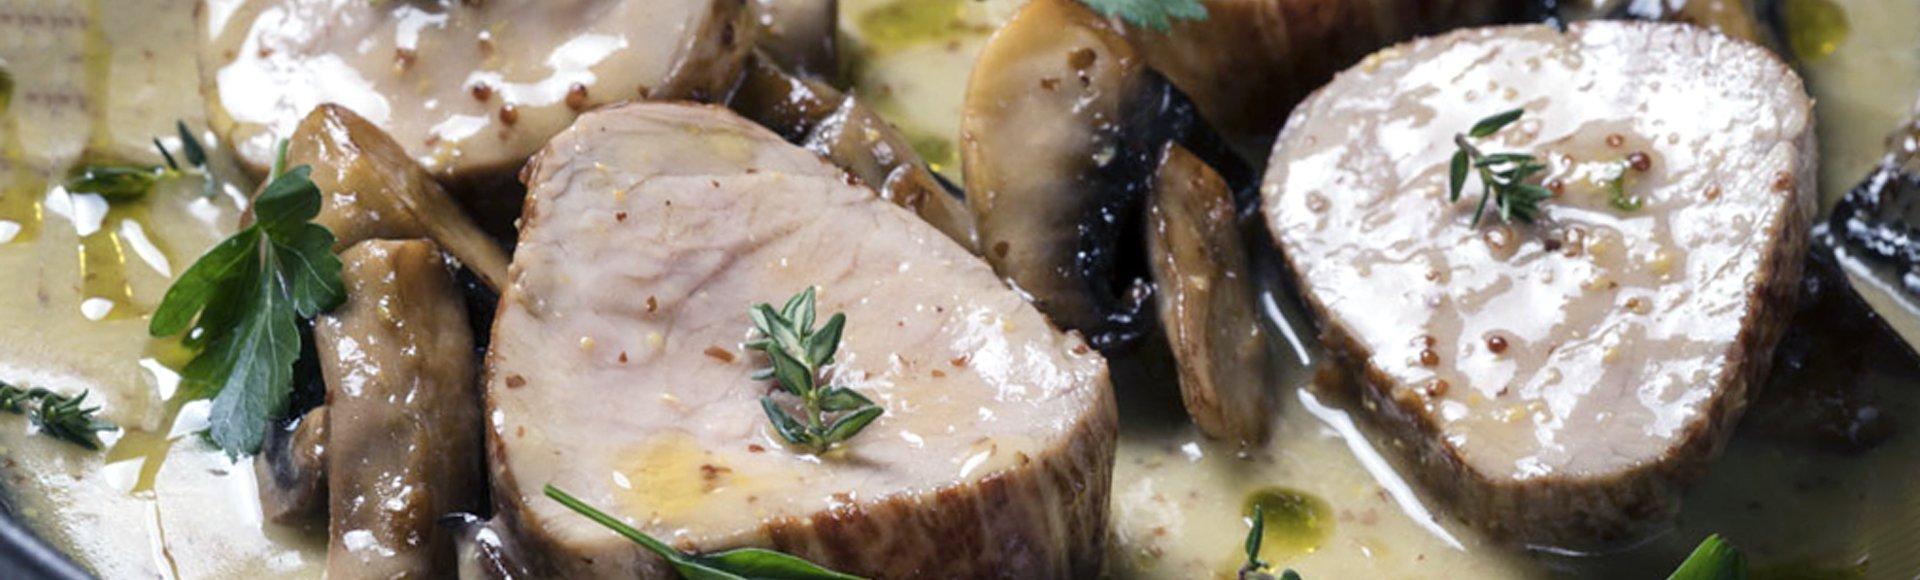 Χοιρινό φιλέτο σοτέ με μουστάρδα, μανιτάρια και ταλιατέλες